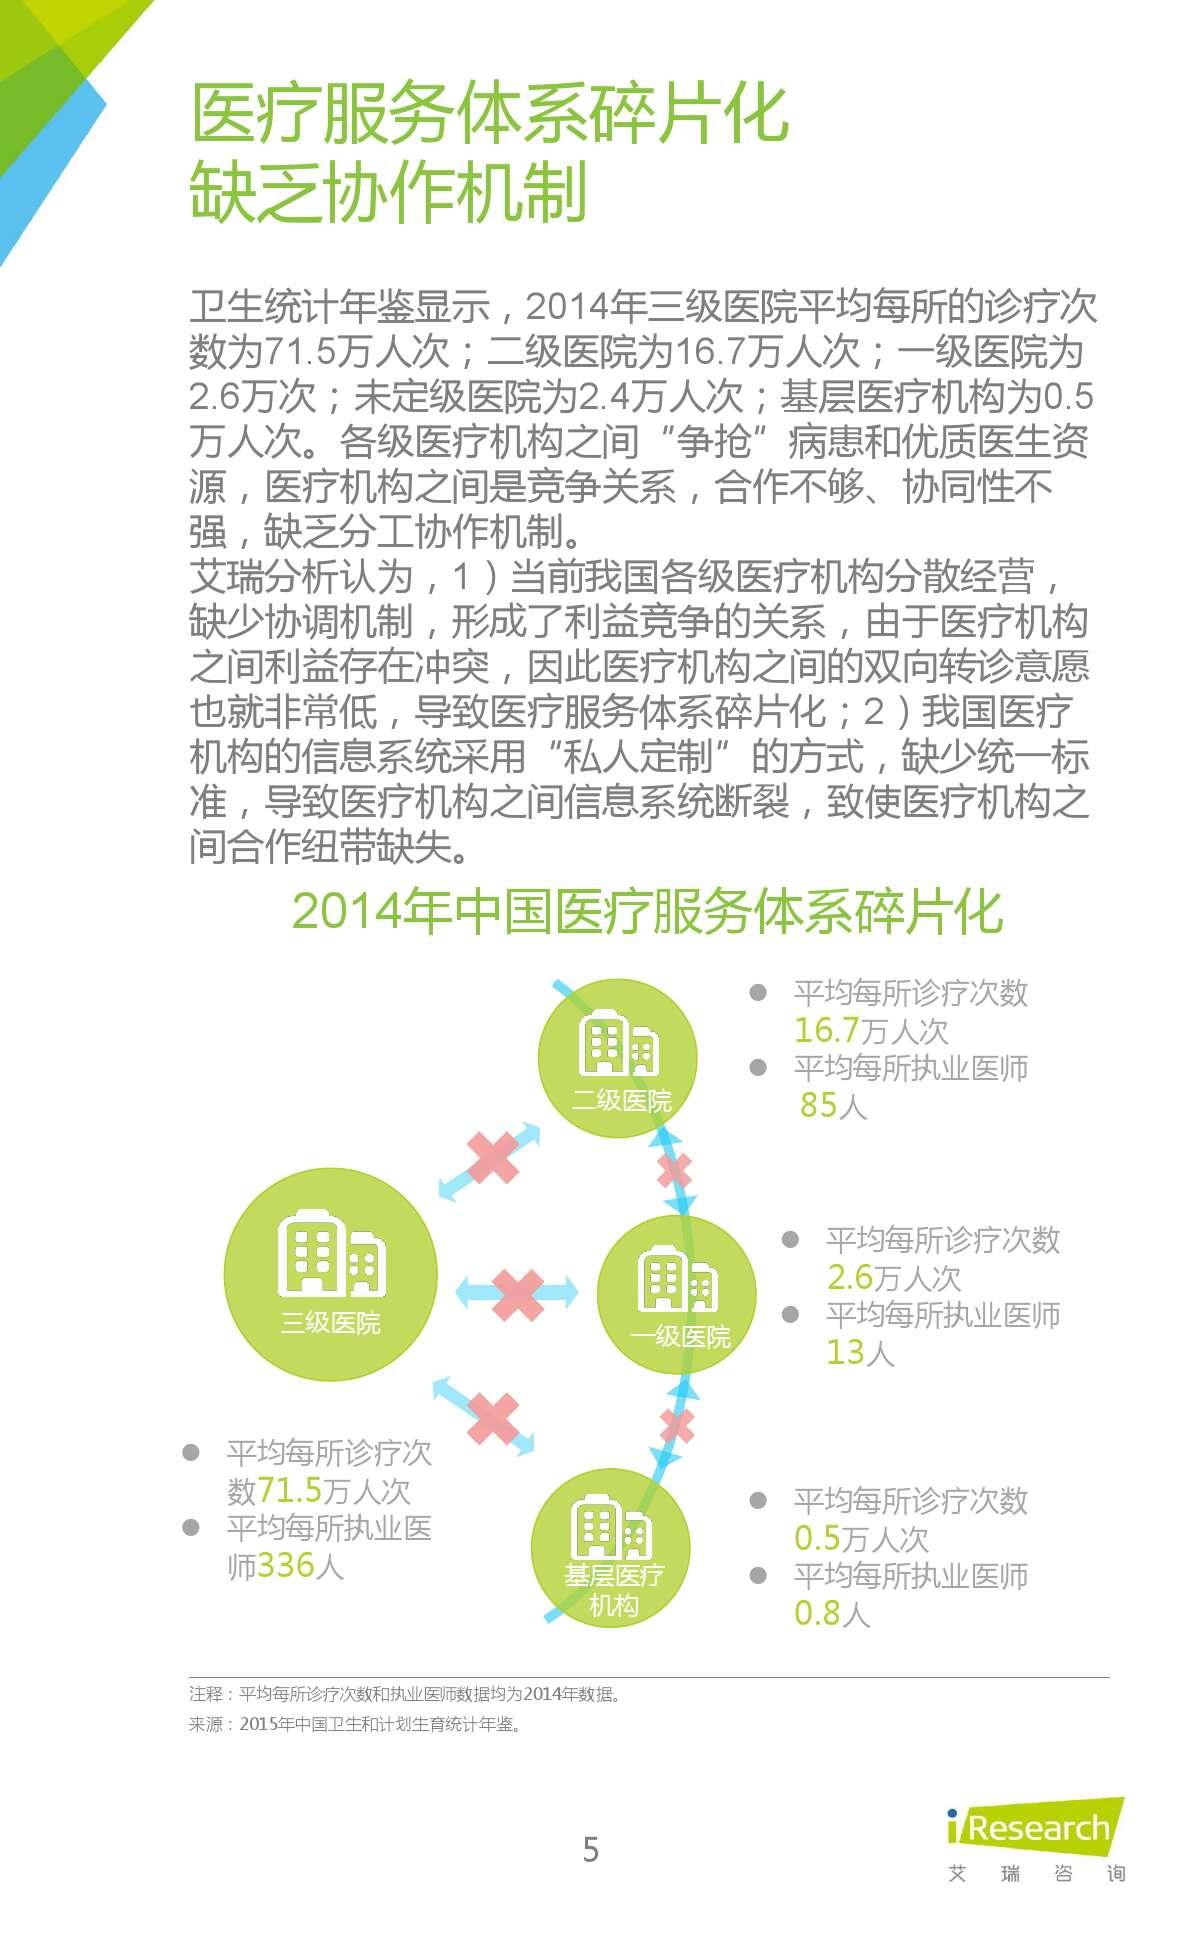 2015年中国在线问诊行业研究报告_000005